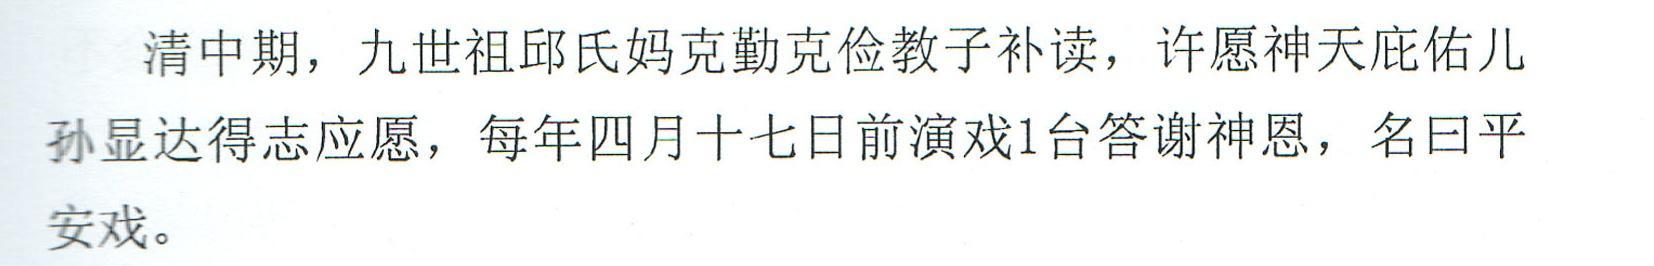 未标题-24_看图王